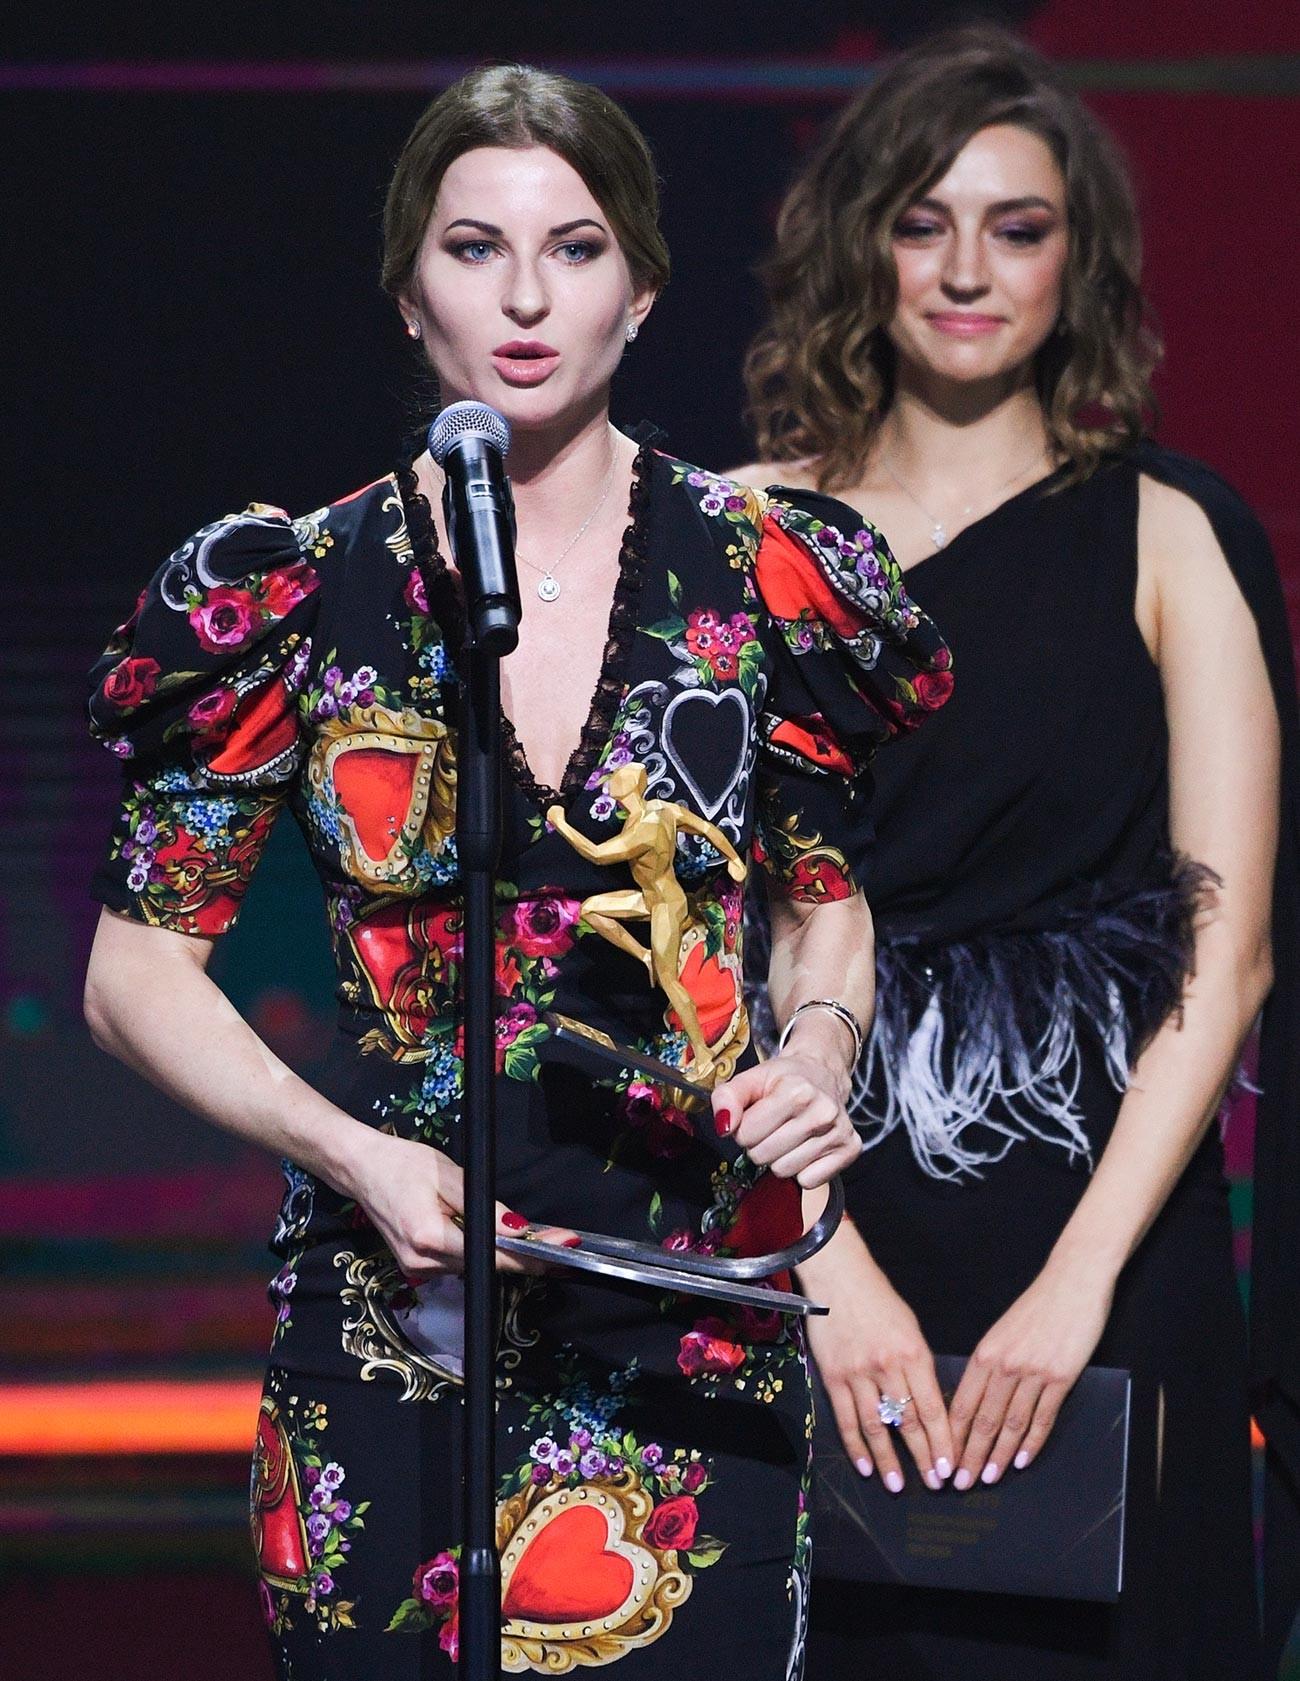 Inna Deriglazova à la cérémonie de remise des prix «Fierté de la Russie:Athlète de l'année» en 2019